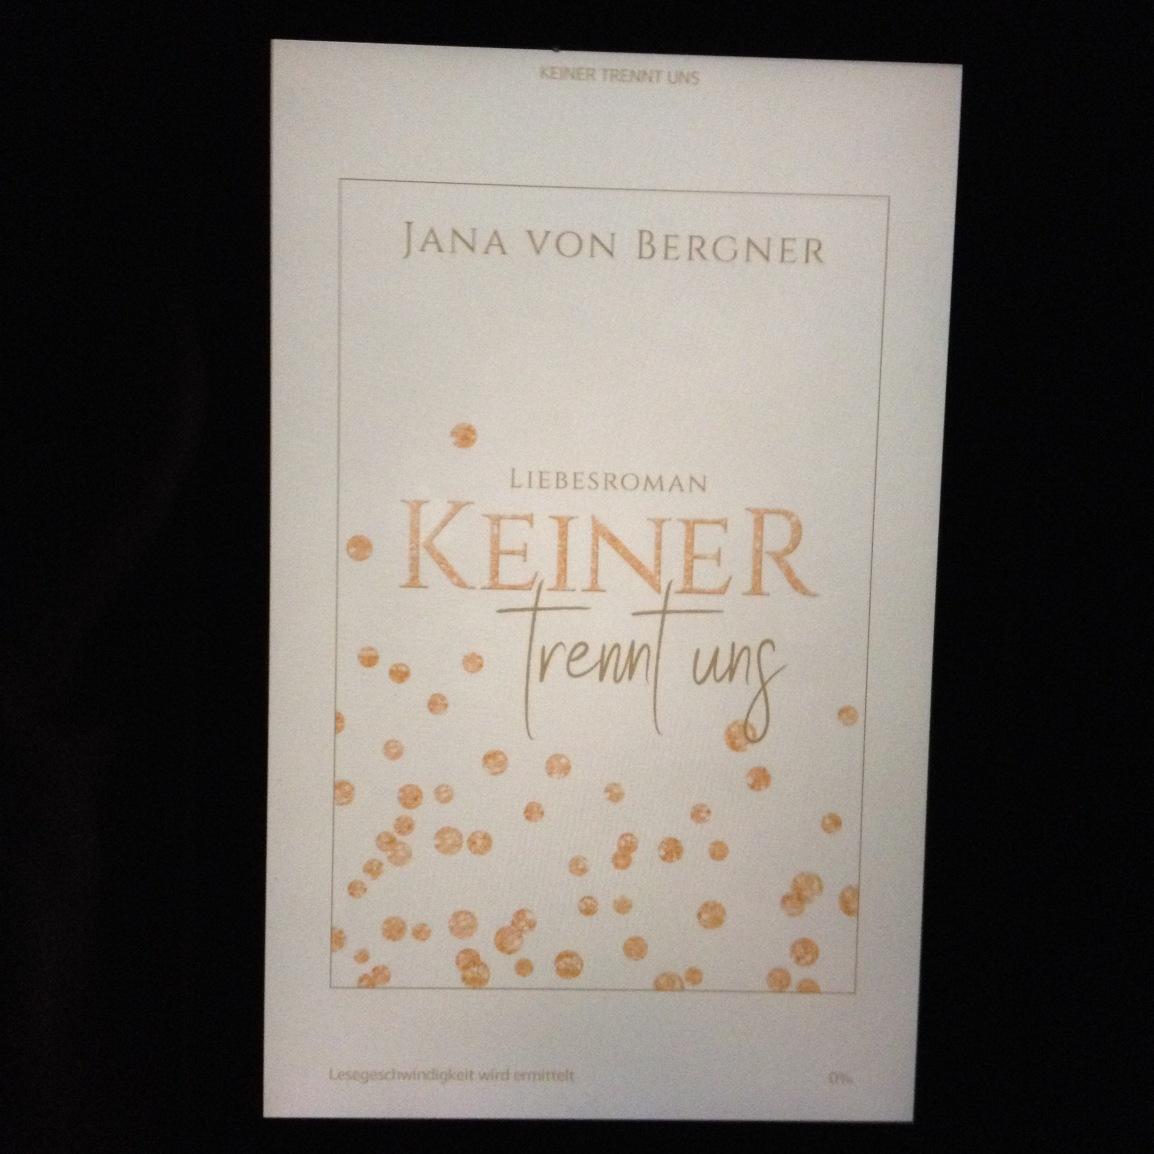 Ebook: Keiner trennt uns von Jana von Bergner